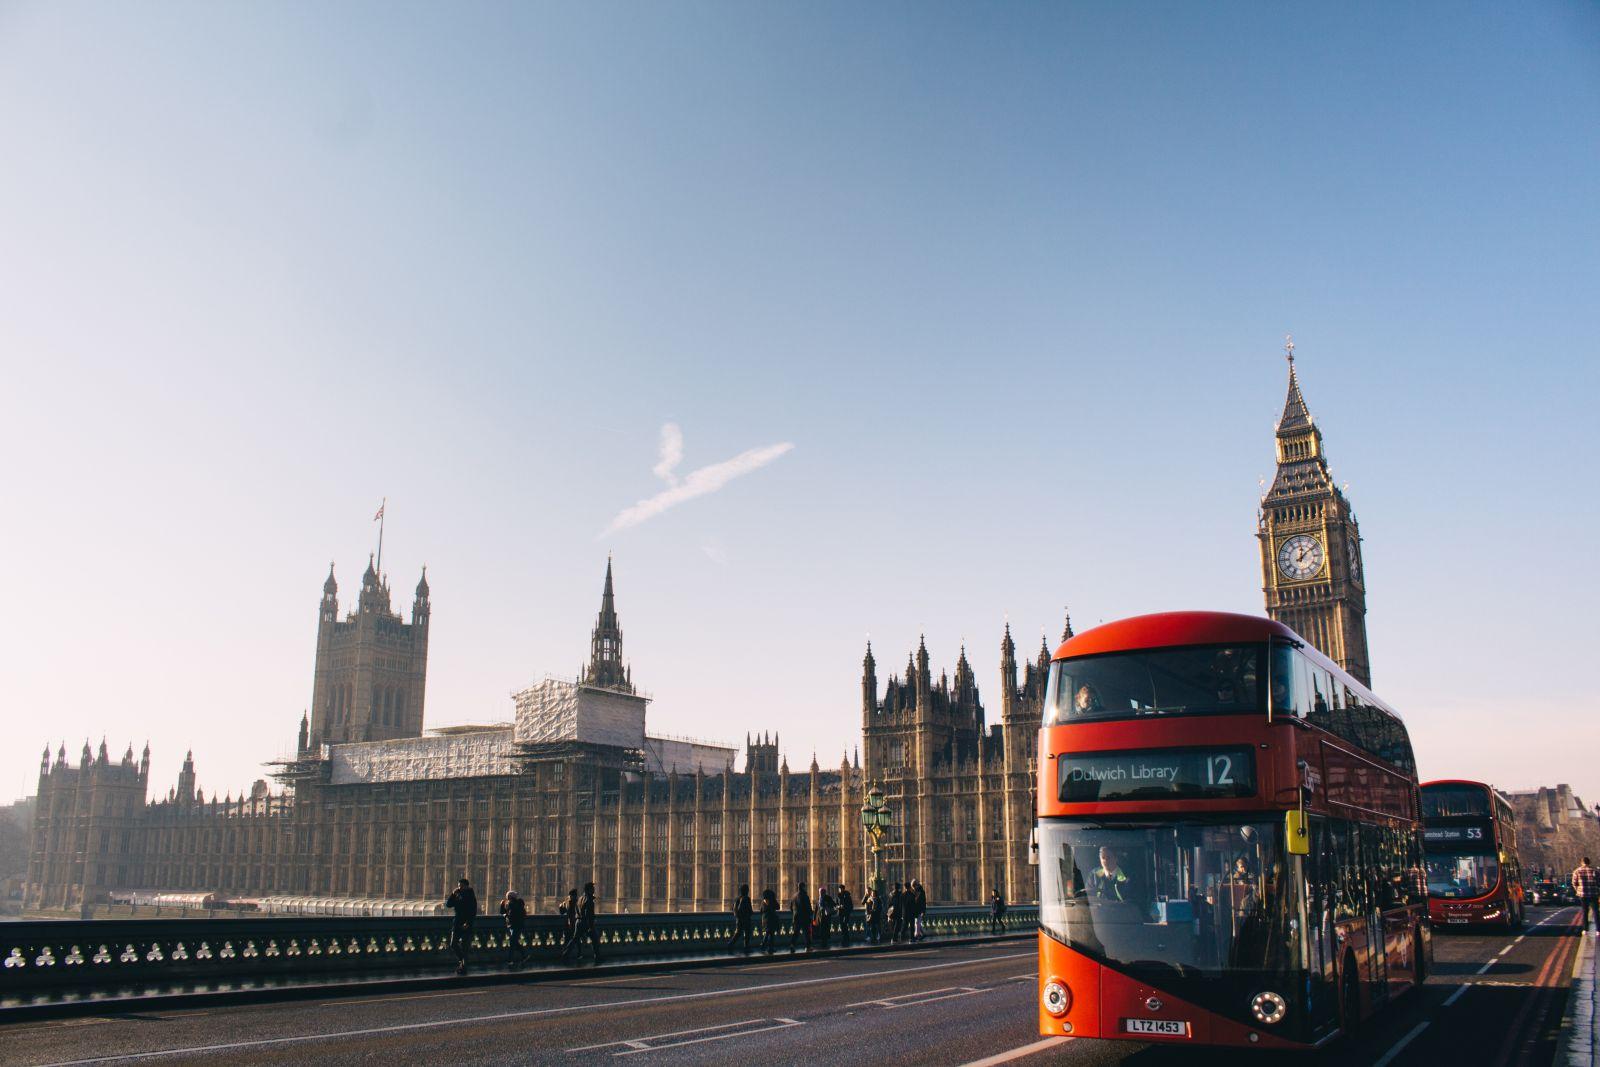 Ein Bild von London auf dem man den Big Ben sieht und einen roten Doppeldecker-Bus